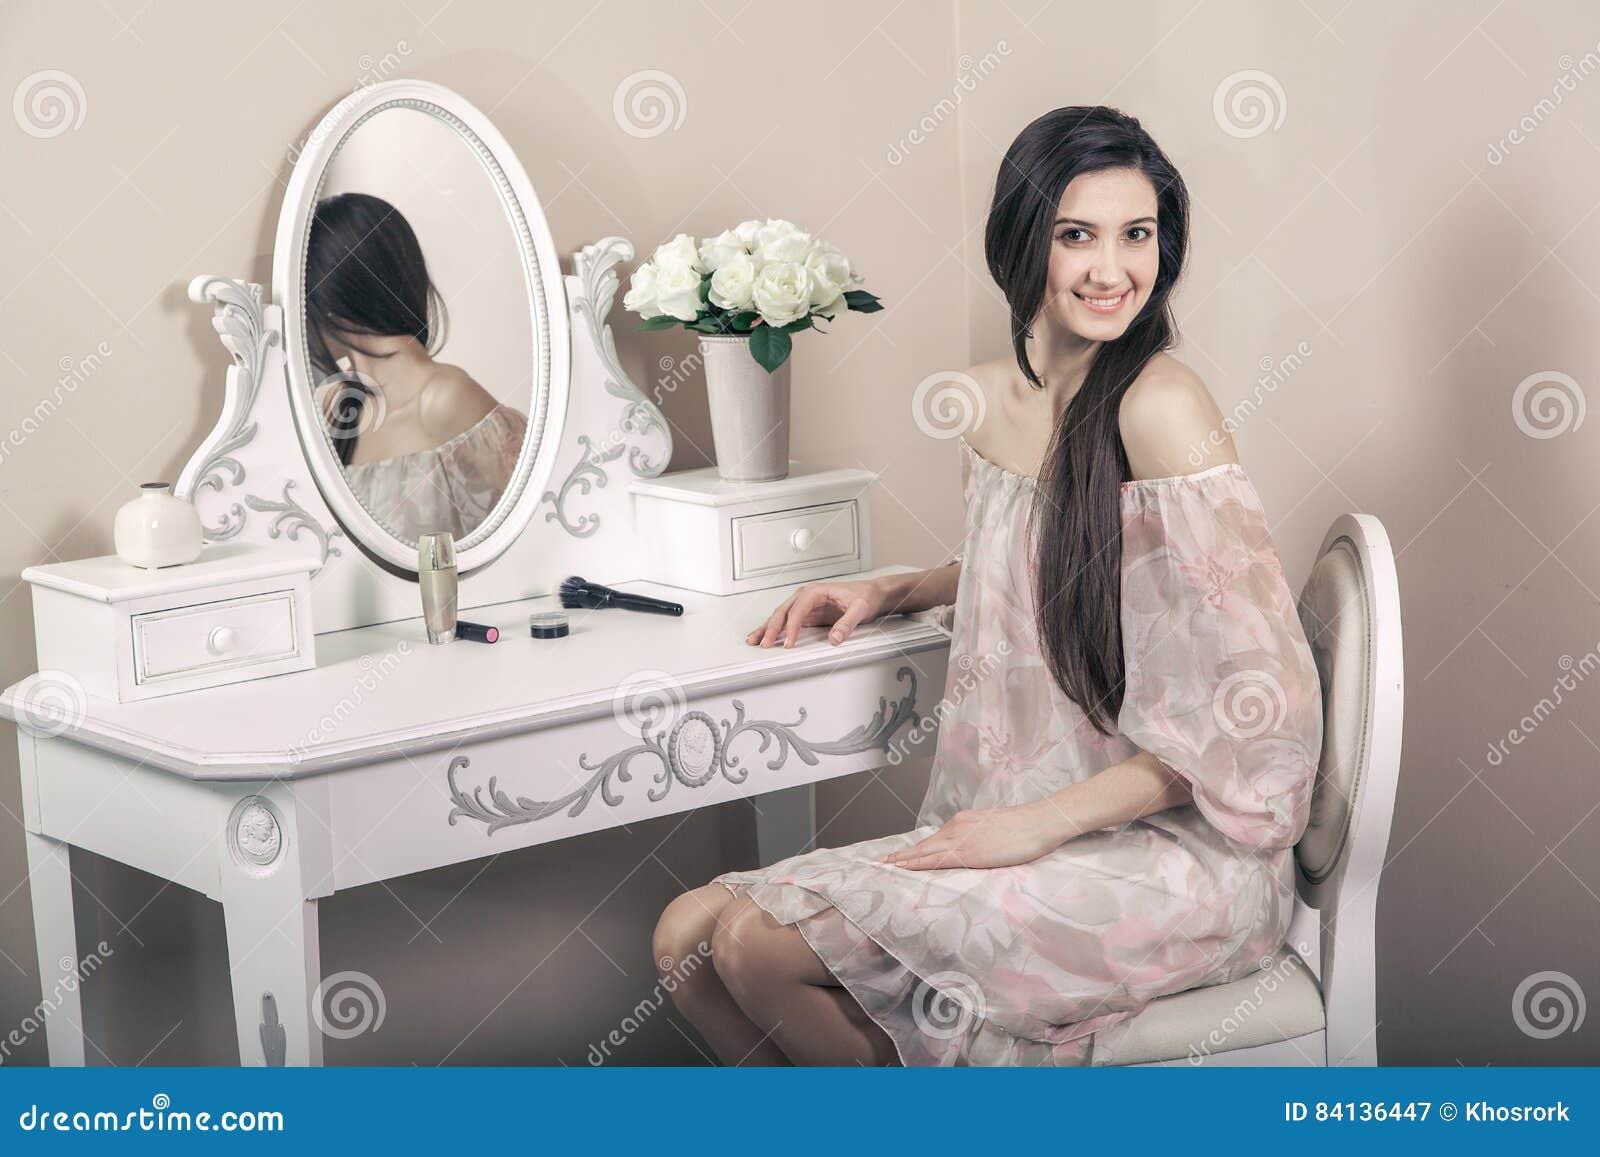 Großartig Rosa Kleid Partei Bilder - Brautkleider Ideen - cashingy.info